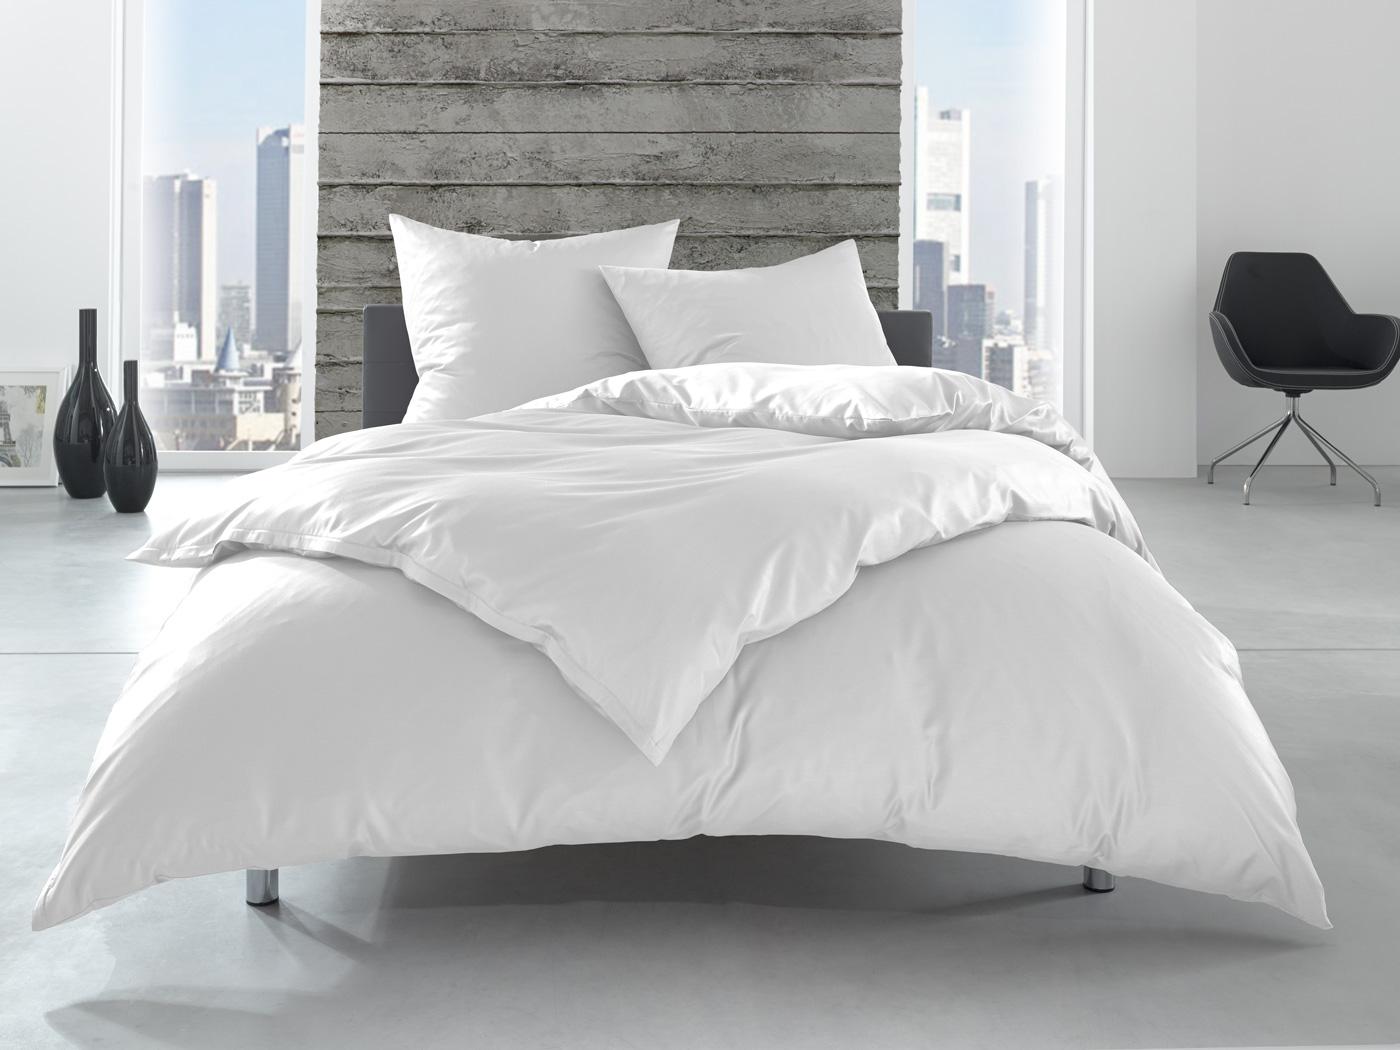 Linon Hotelbettwäsche 200x220 Weiß Bettwaesche Mit Stil